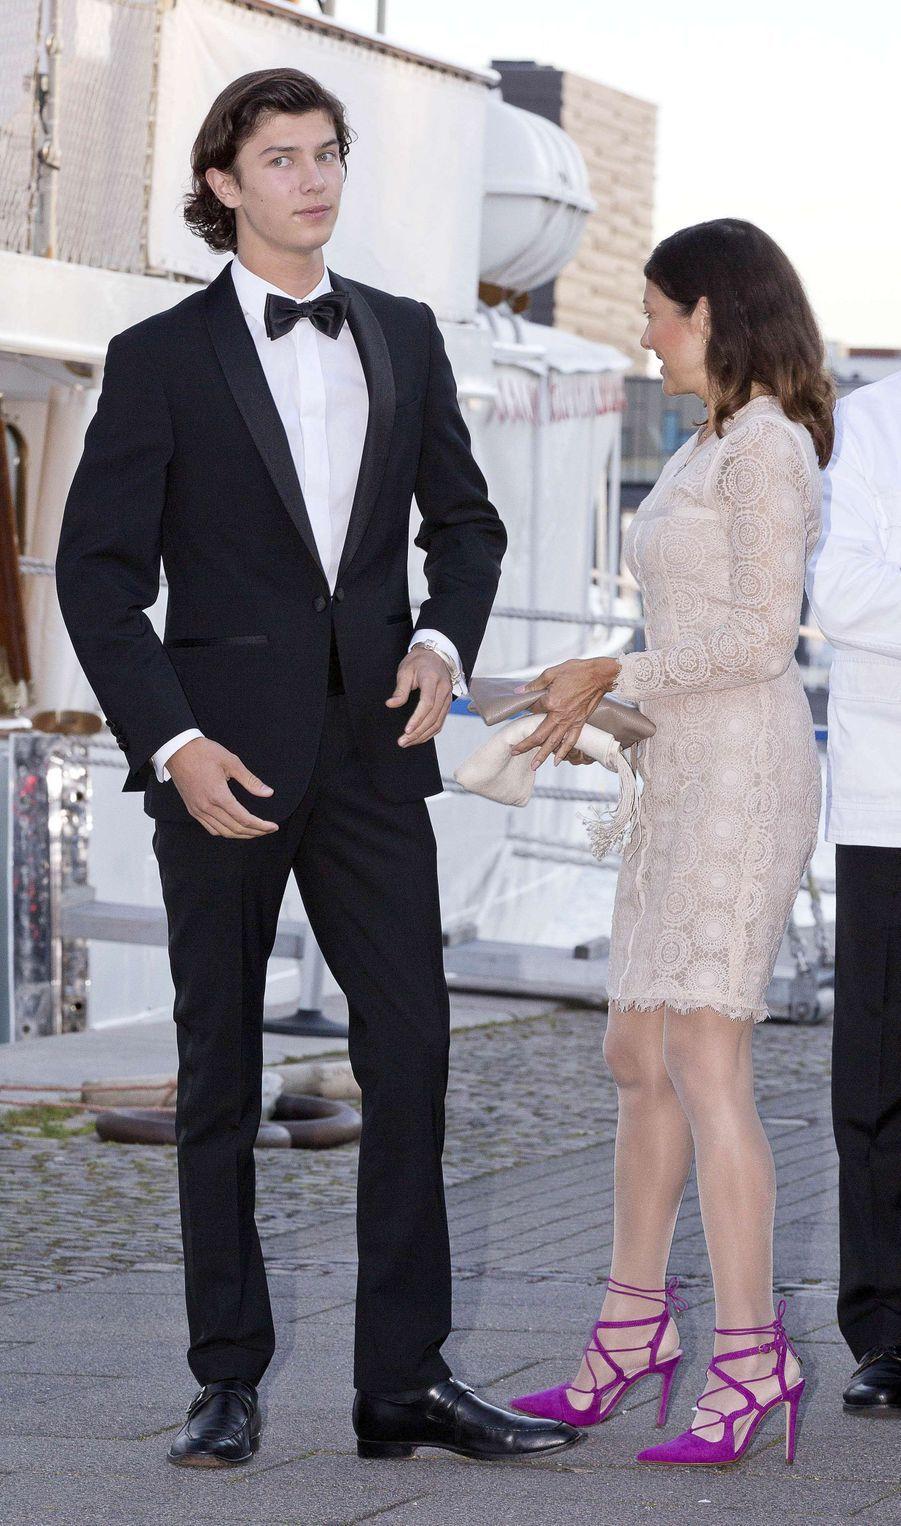 Le prince Nikolai de Danemark et sa mère Alexandra Menlay à Copenhague, le 28 août 2017